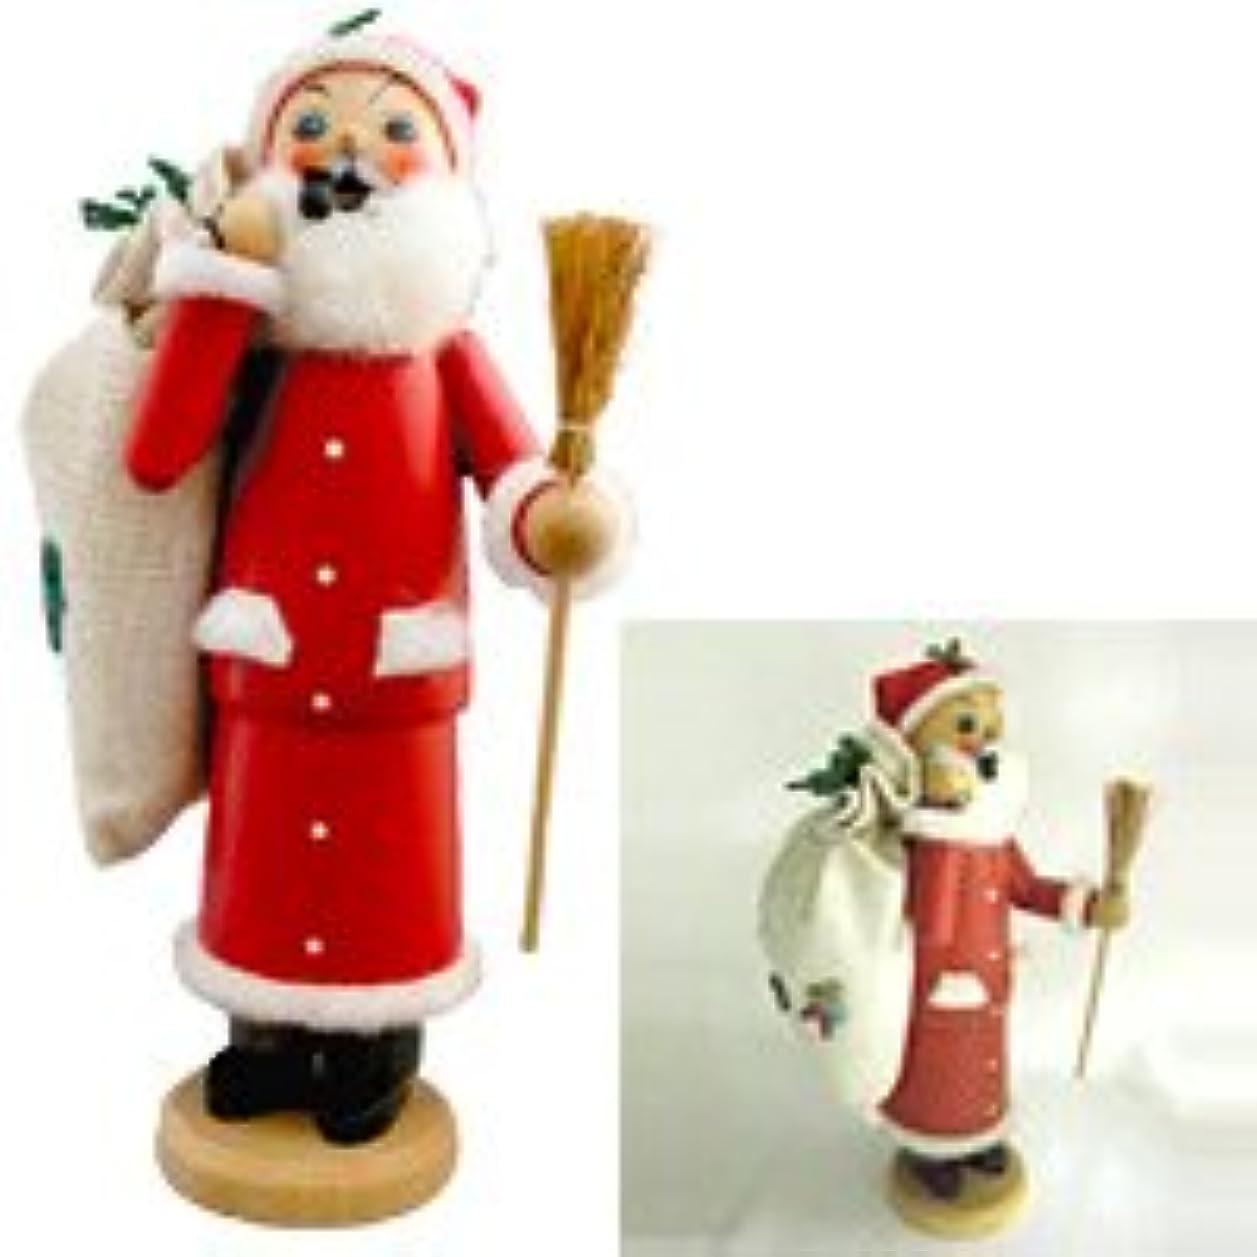 グリーンバック水曜日ペレグリネーションクーネルト インセンススタンド(香皿) パイプ人形 サンタクロース